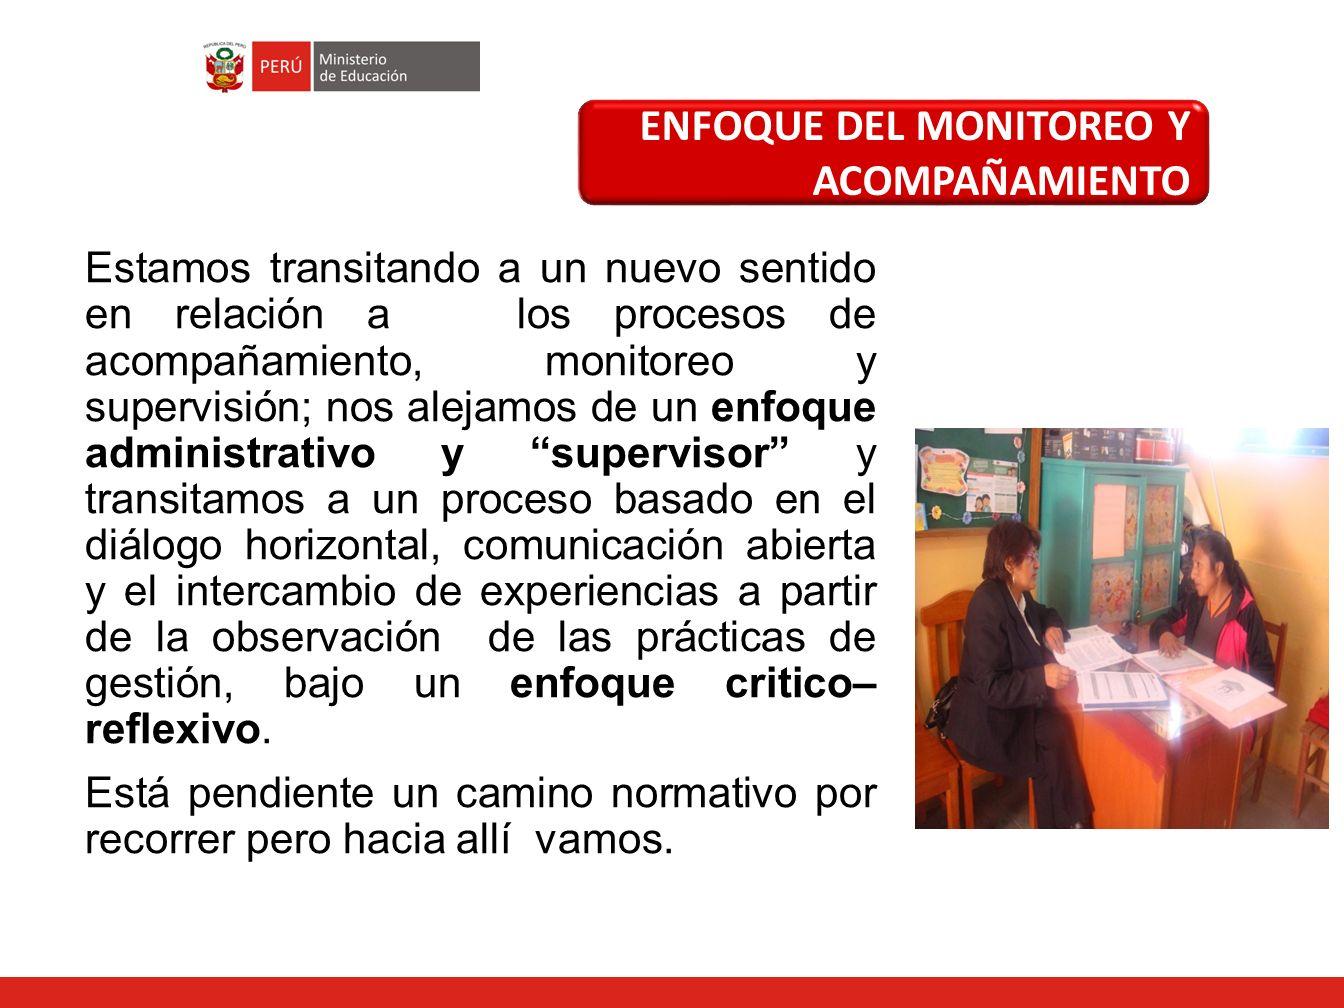 ENFOQUE DEL MONITOREO Y ACOMPAÑAMIENTO